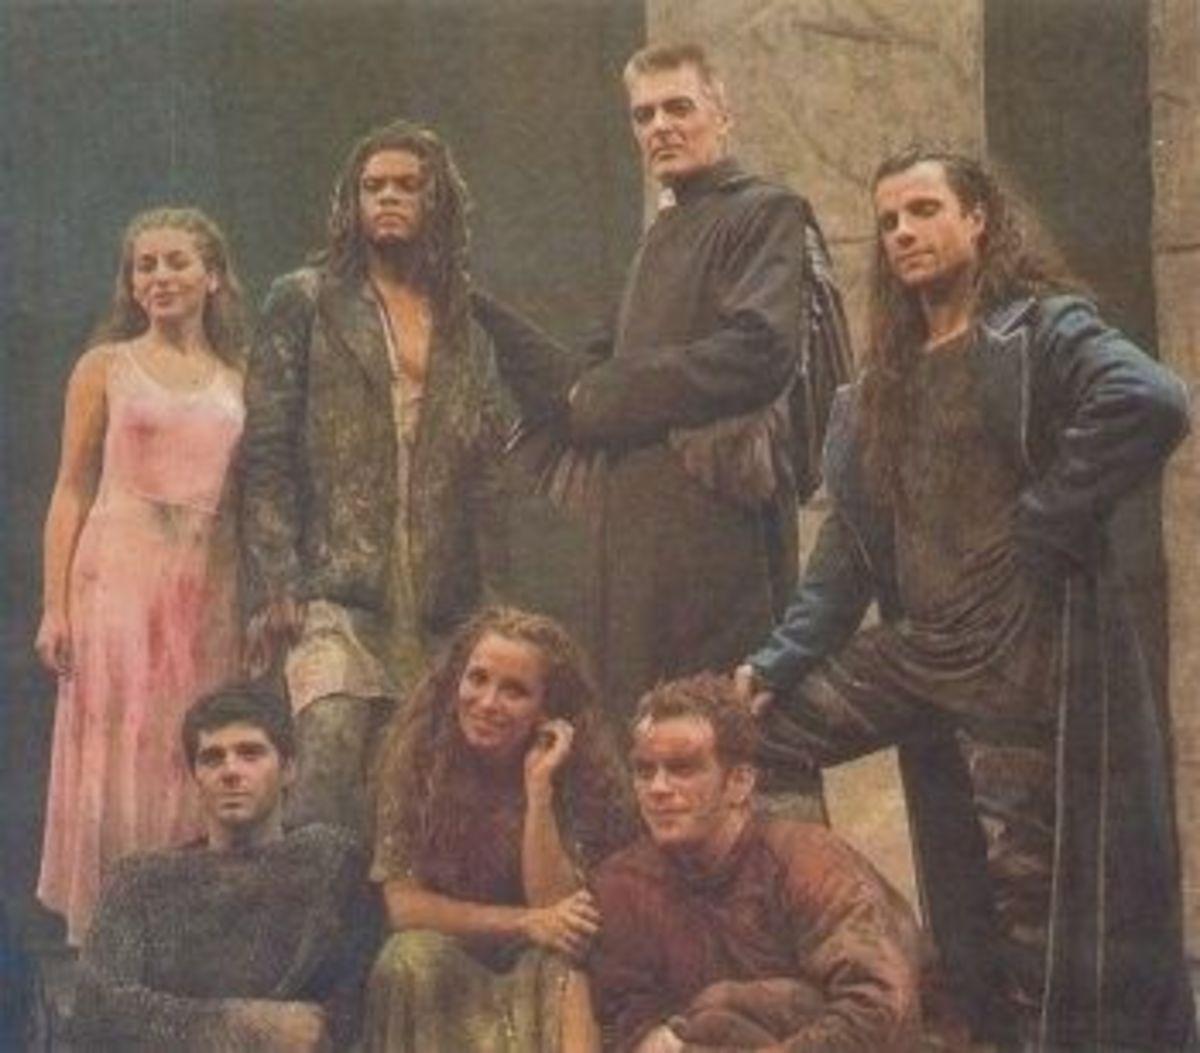 Notre Dame de Paris cast